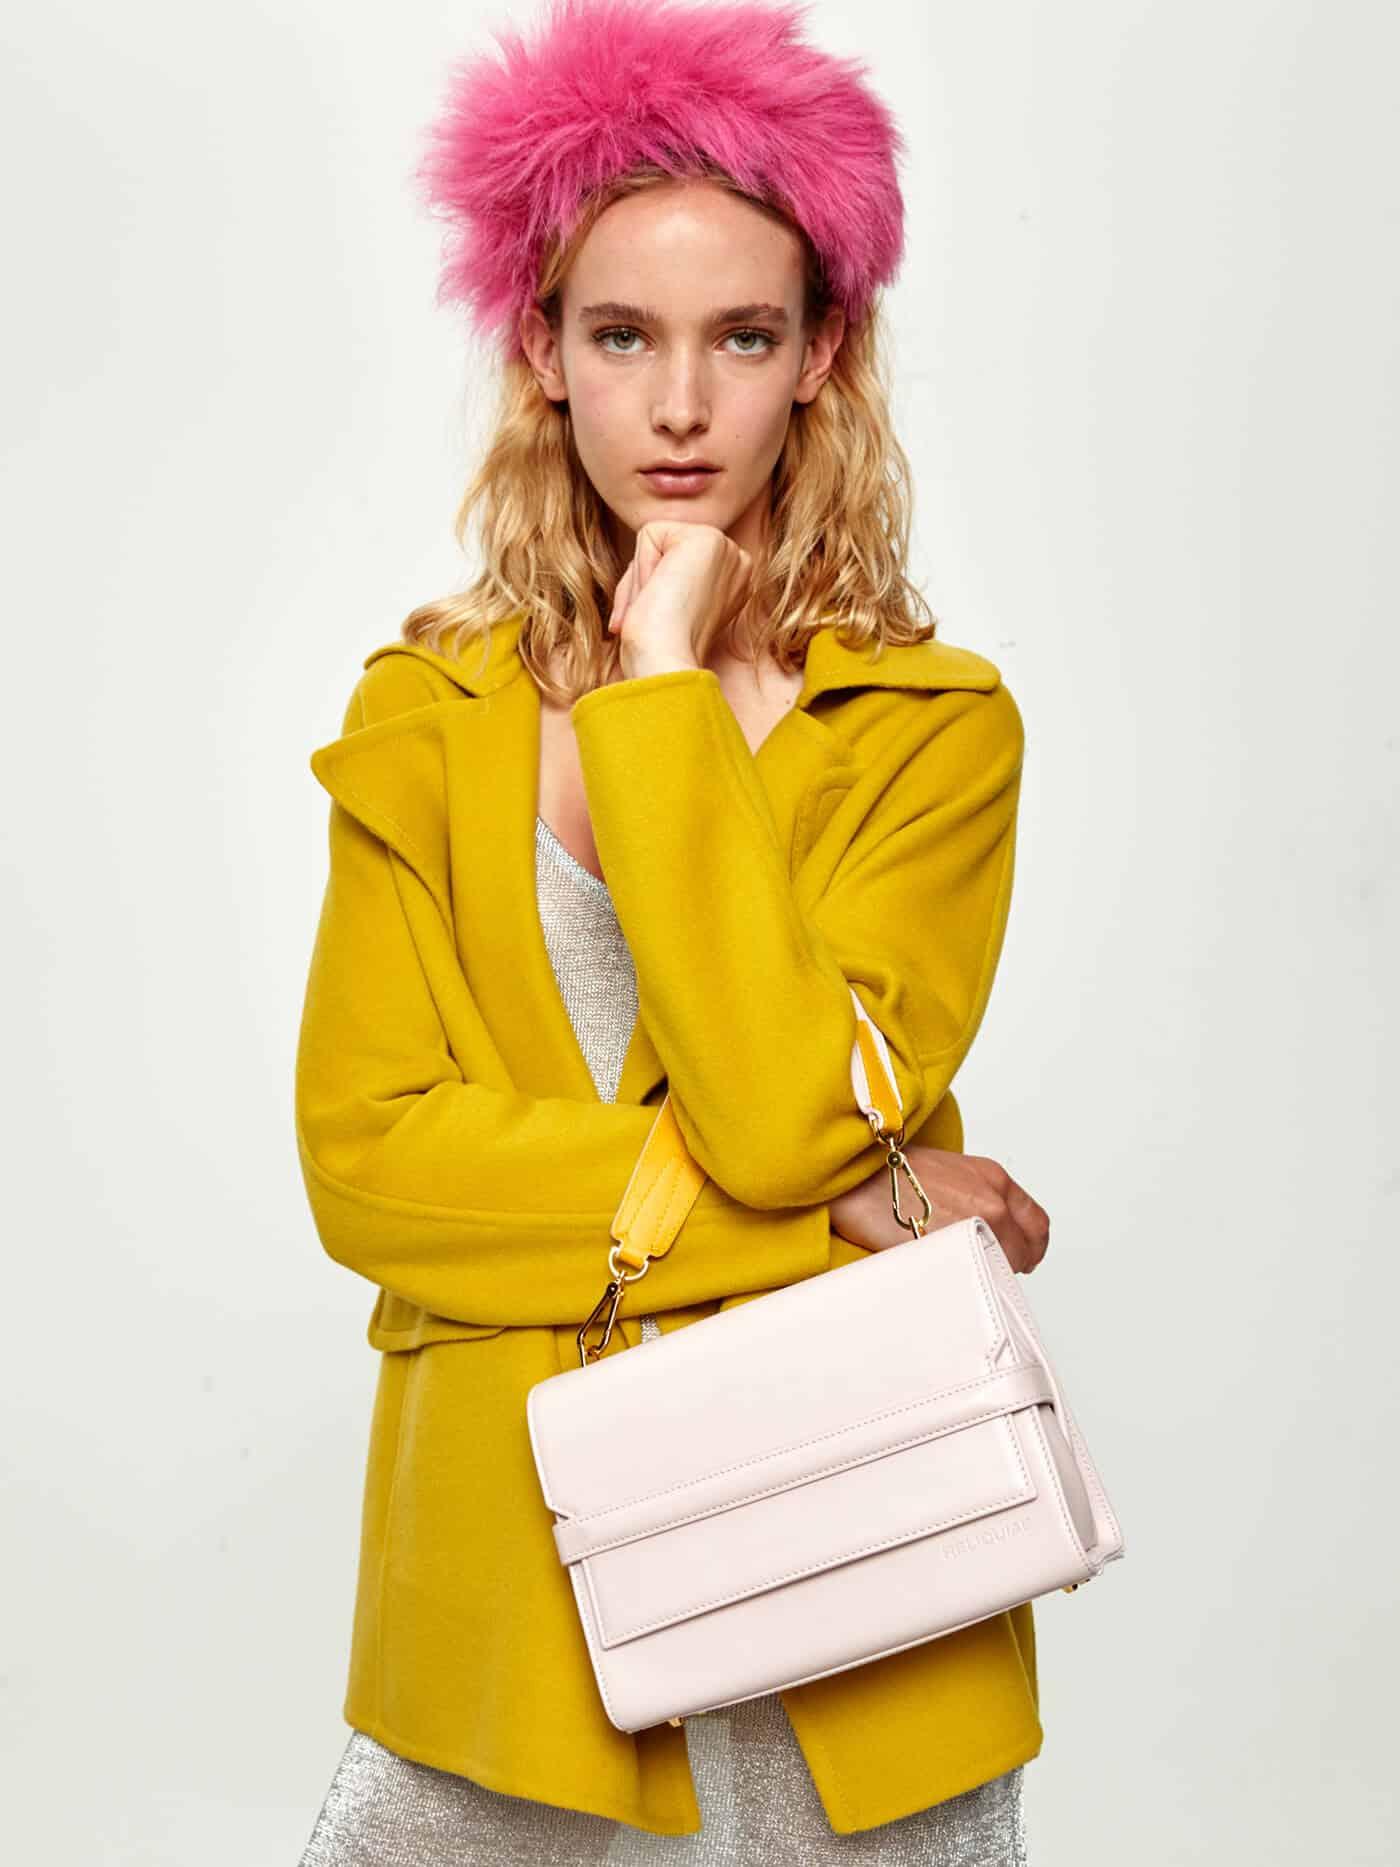 коллекции нестандартной моды 2017, фото 2